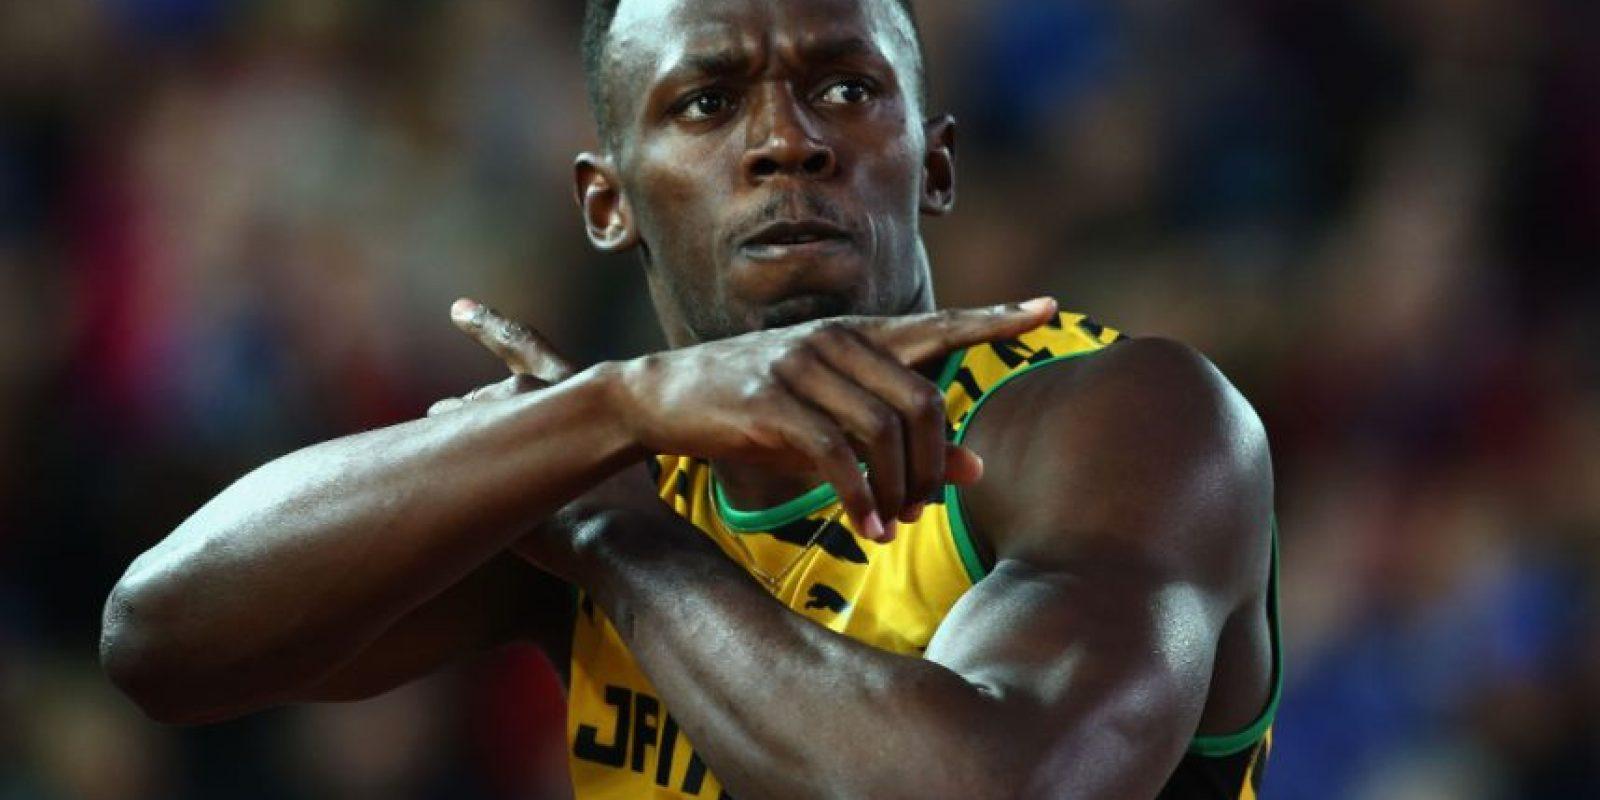 El velocista también reconoce que parte fundamental de su éxito es tener una alimentación sana. Foto:Getty Images